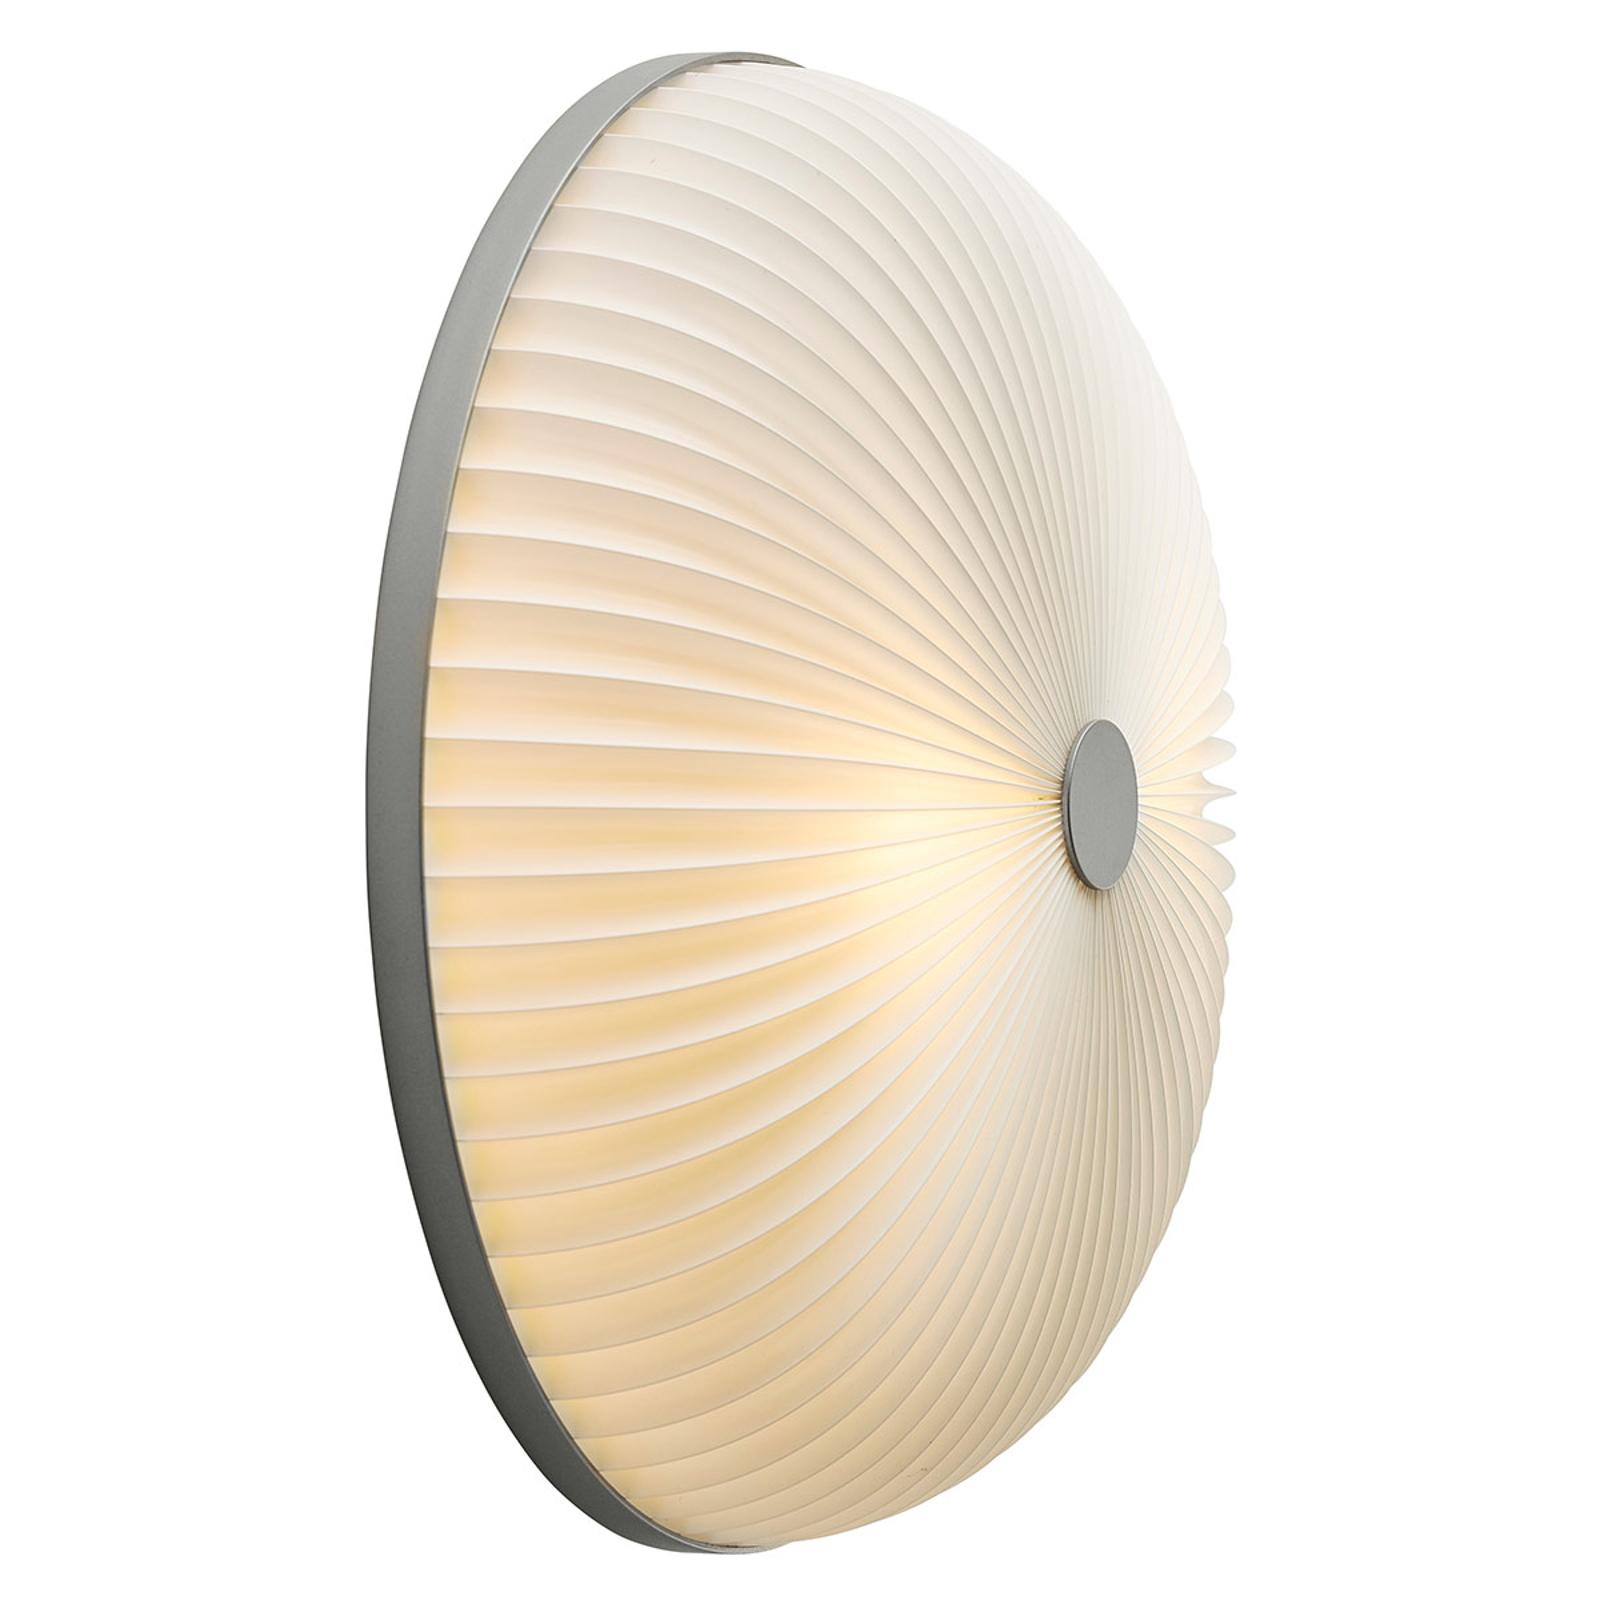 LE KLINT Lamella nástěnné světlo hliník 35 cm